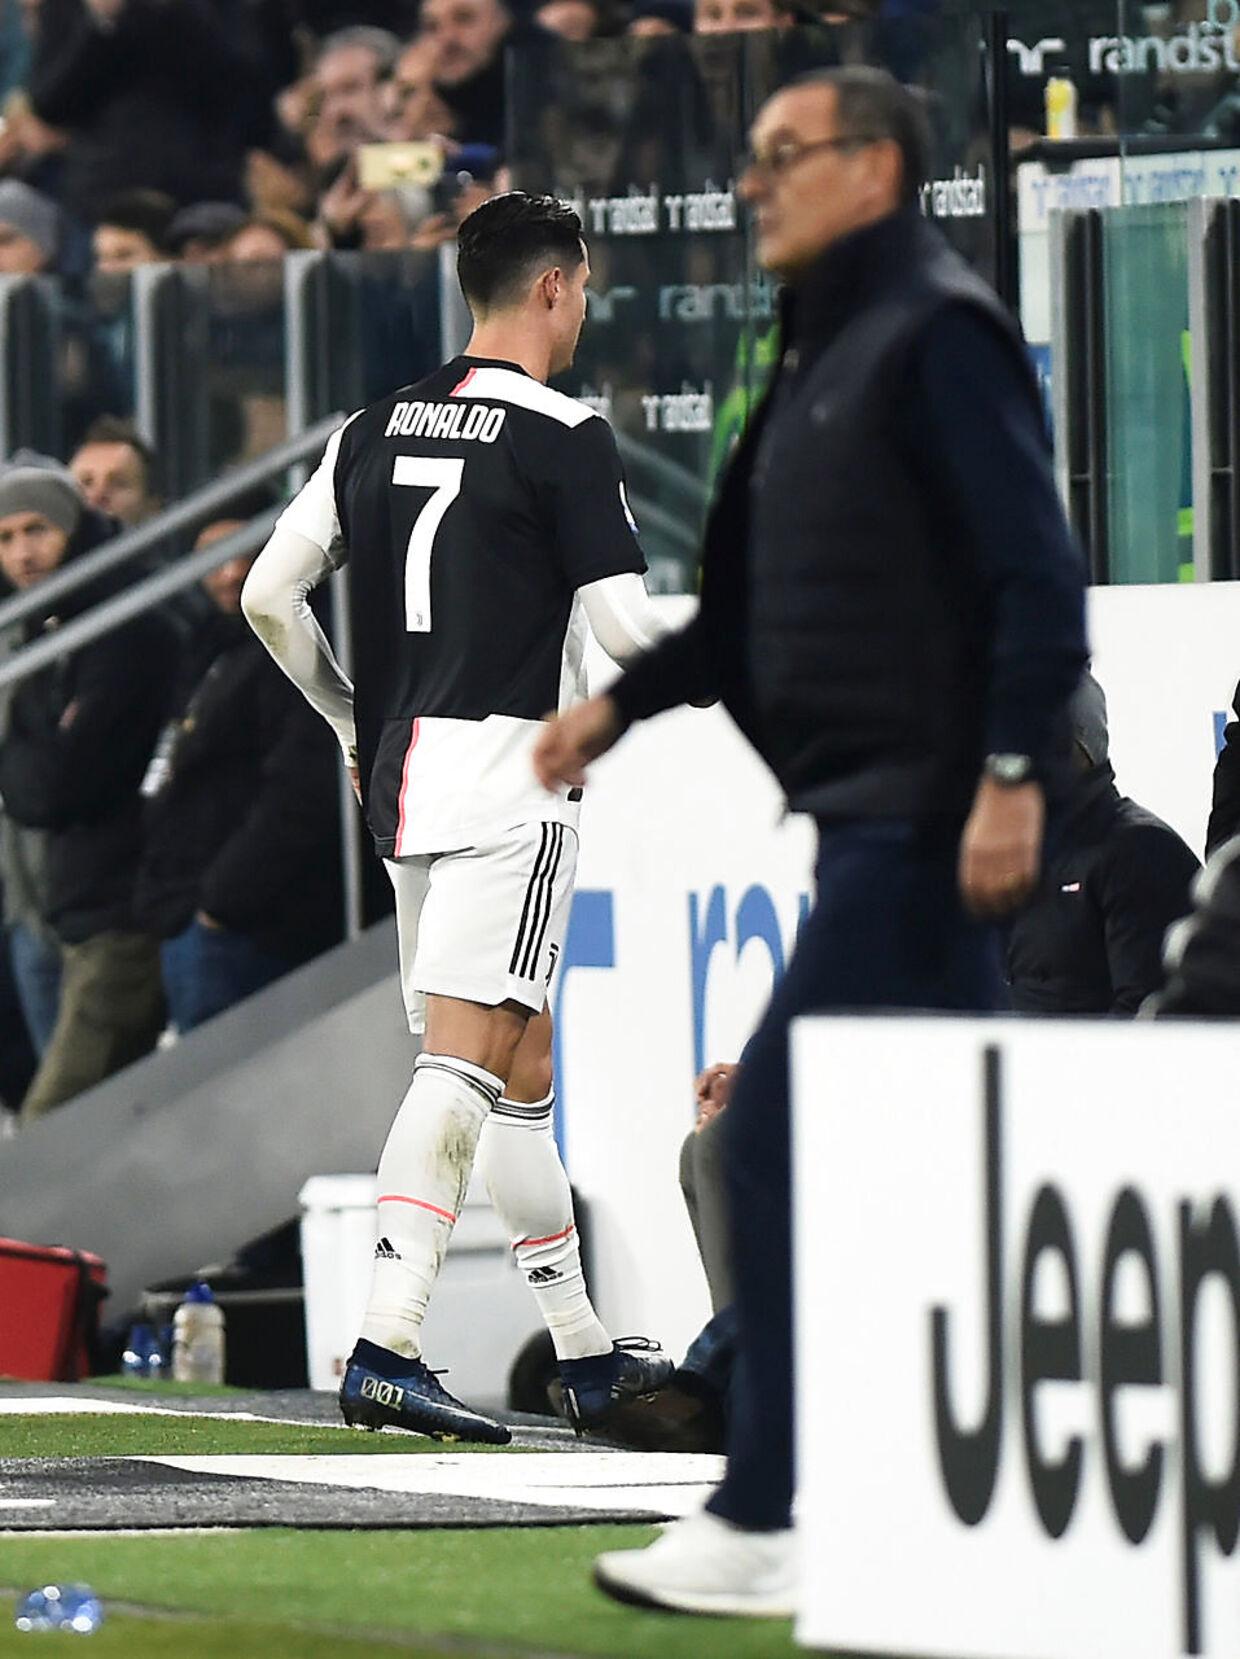 Cristiano Ronaldo gik direkte i omklædningsrummet efter udskiftningen.